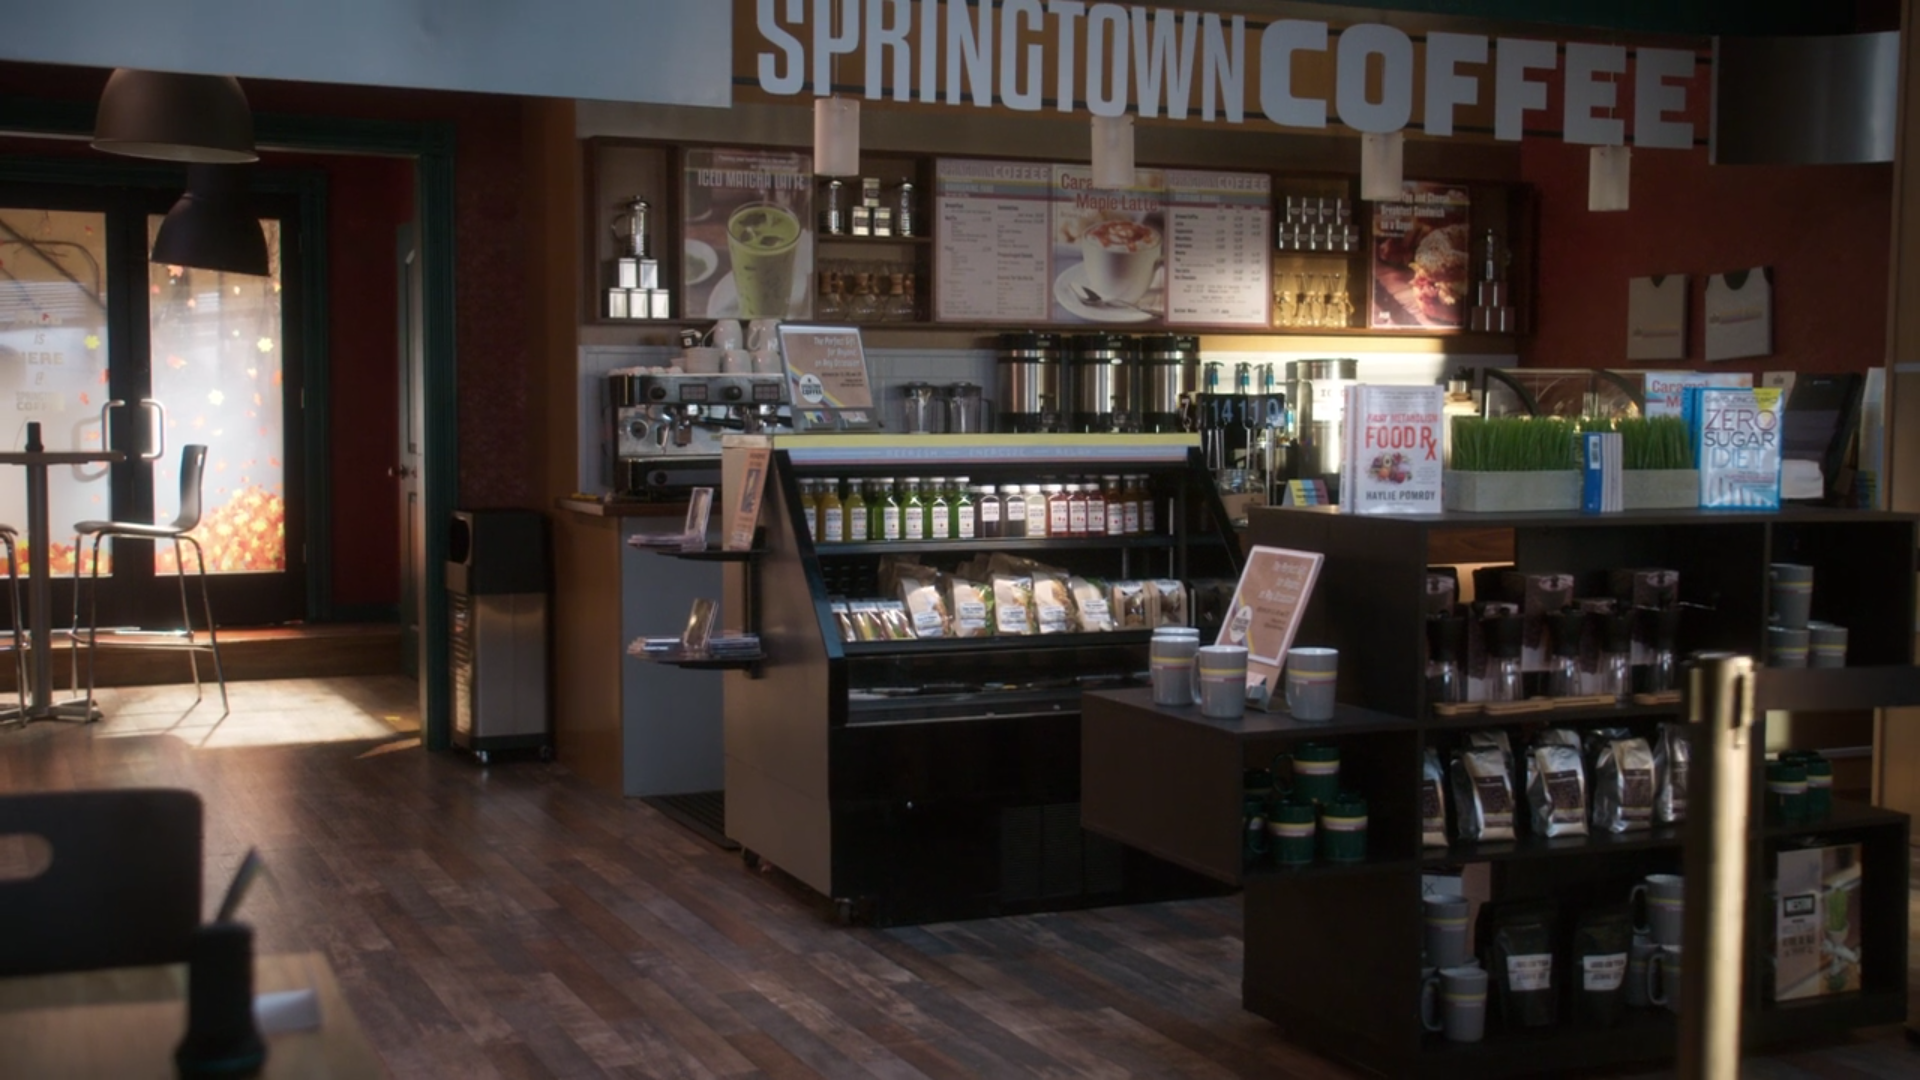 Springtown Coffee